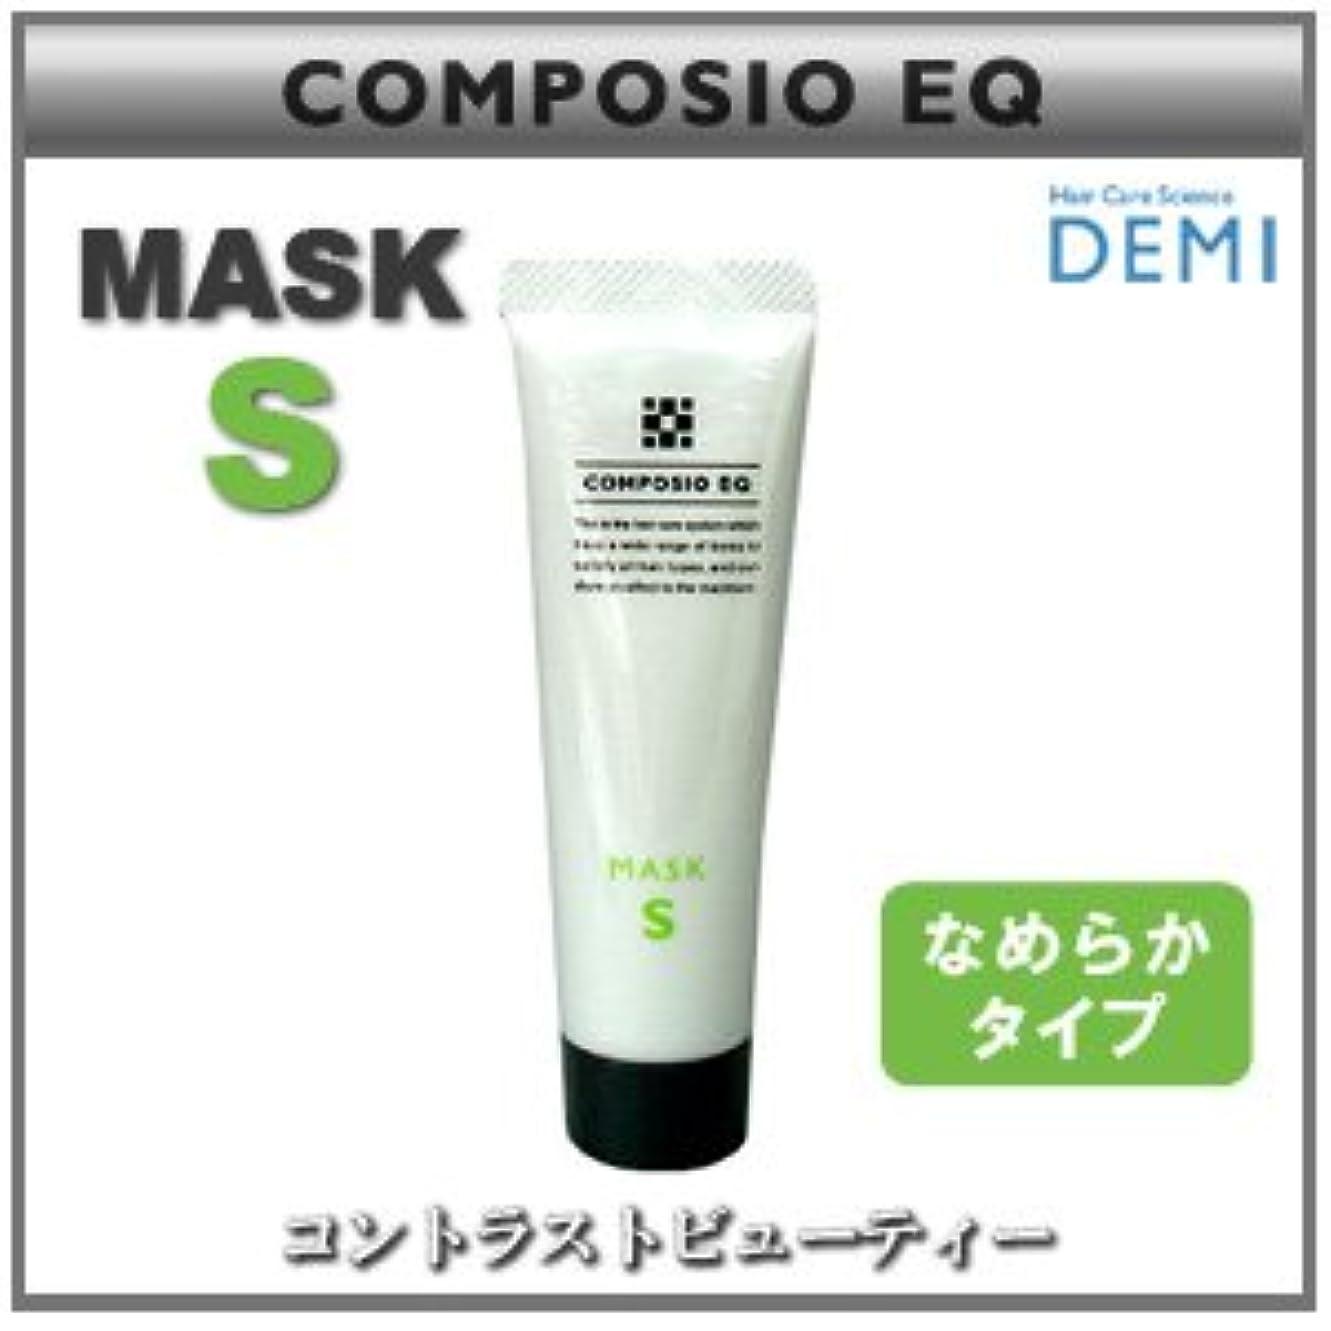 検閲つらいランク【X5個セット】 デミ コンポジオ EQ マスク S 50g